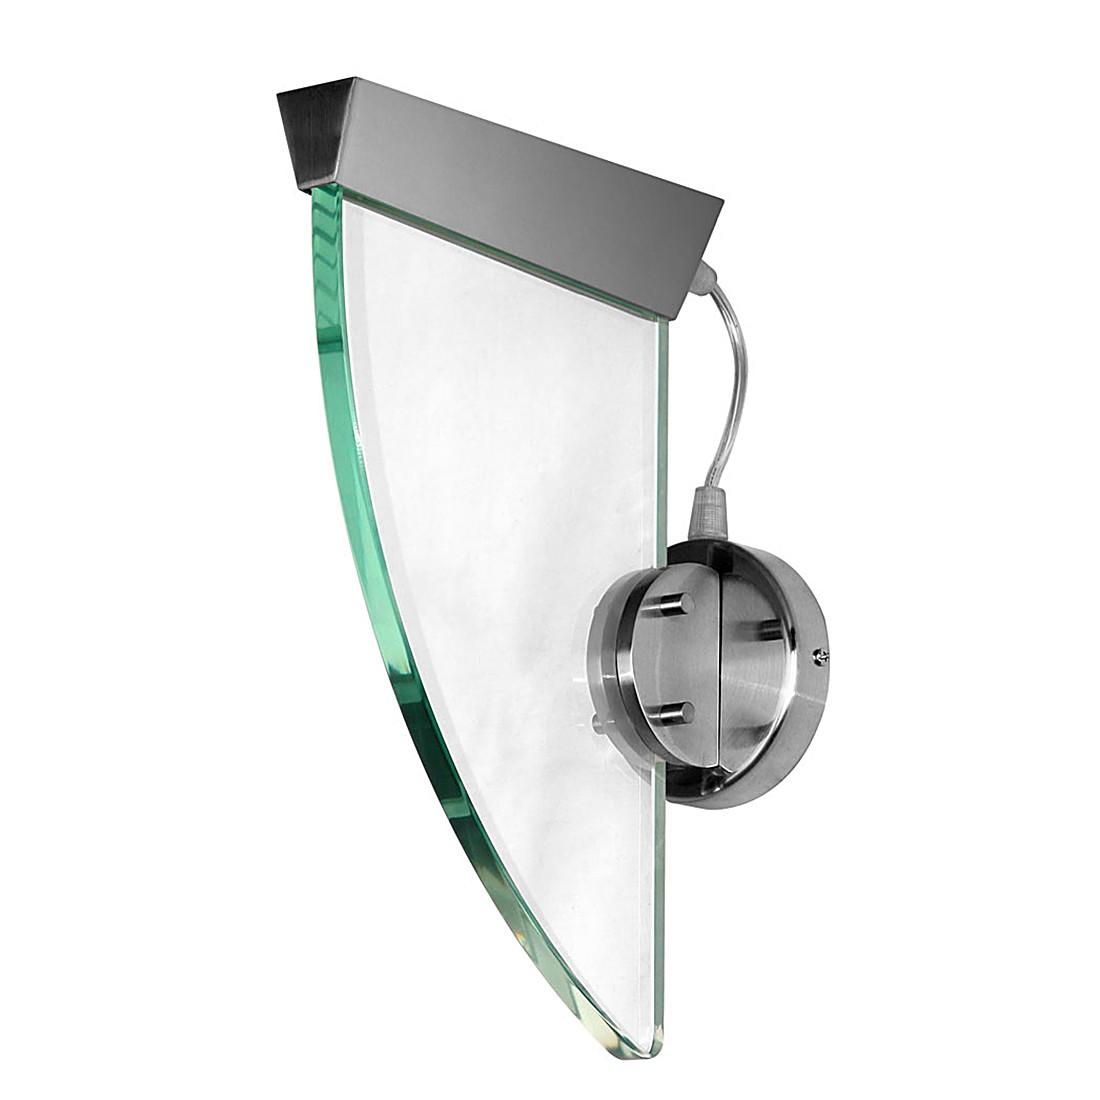 Wandleuchte Sail – Alu-Matt – Glas – Aluminium, Glas Nickel-Satin, s`luce günstig online kaufen